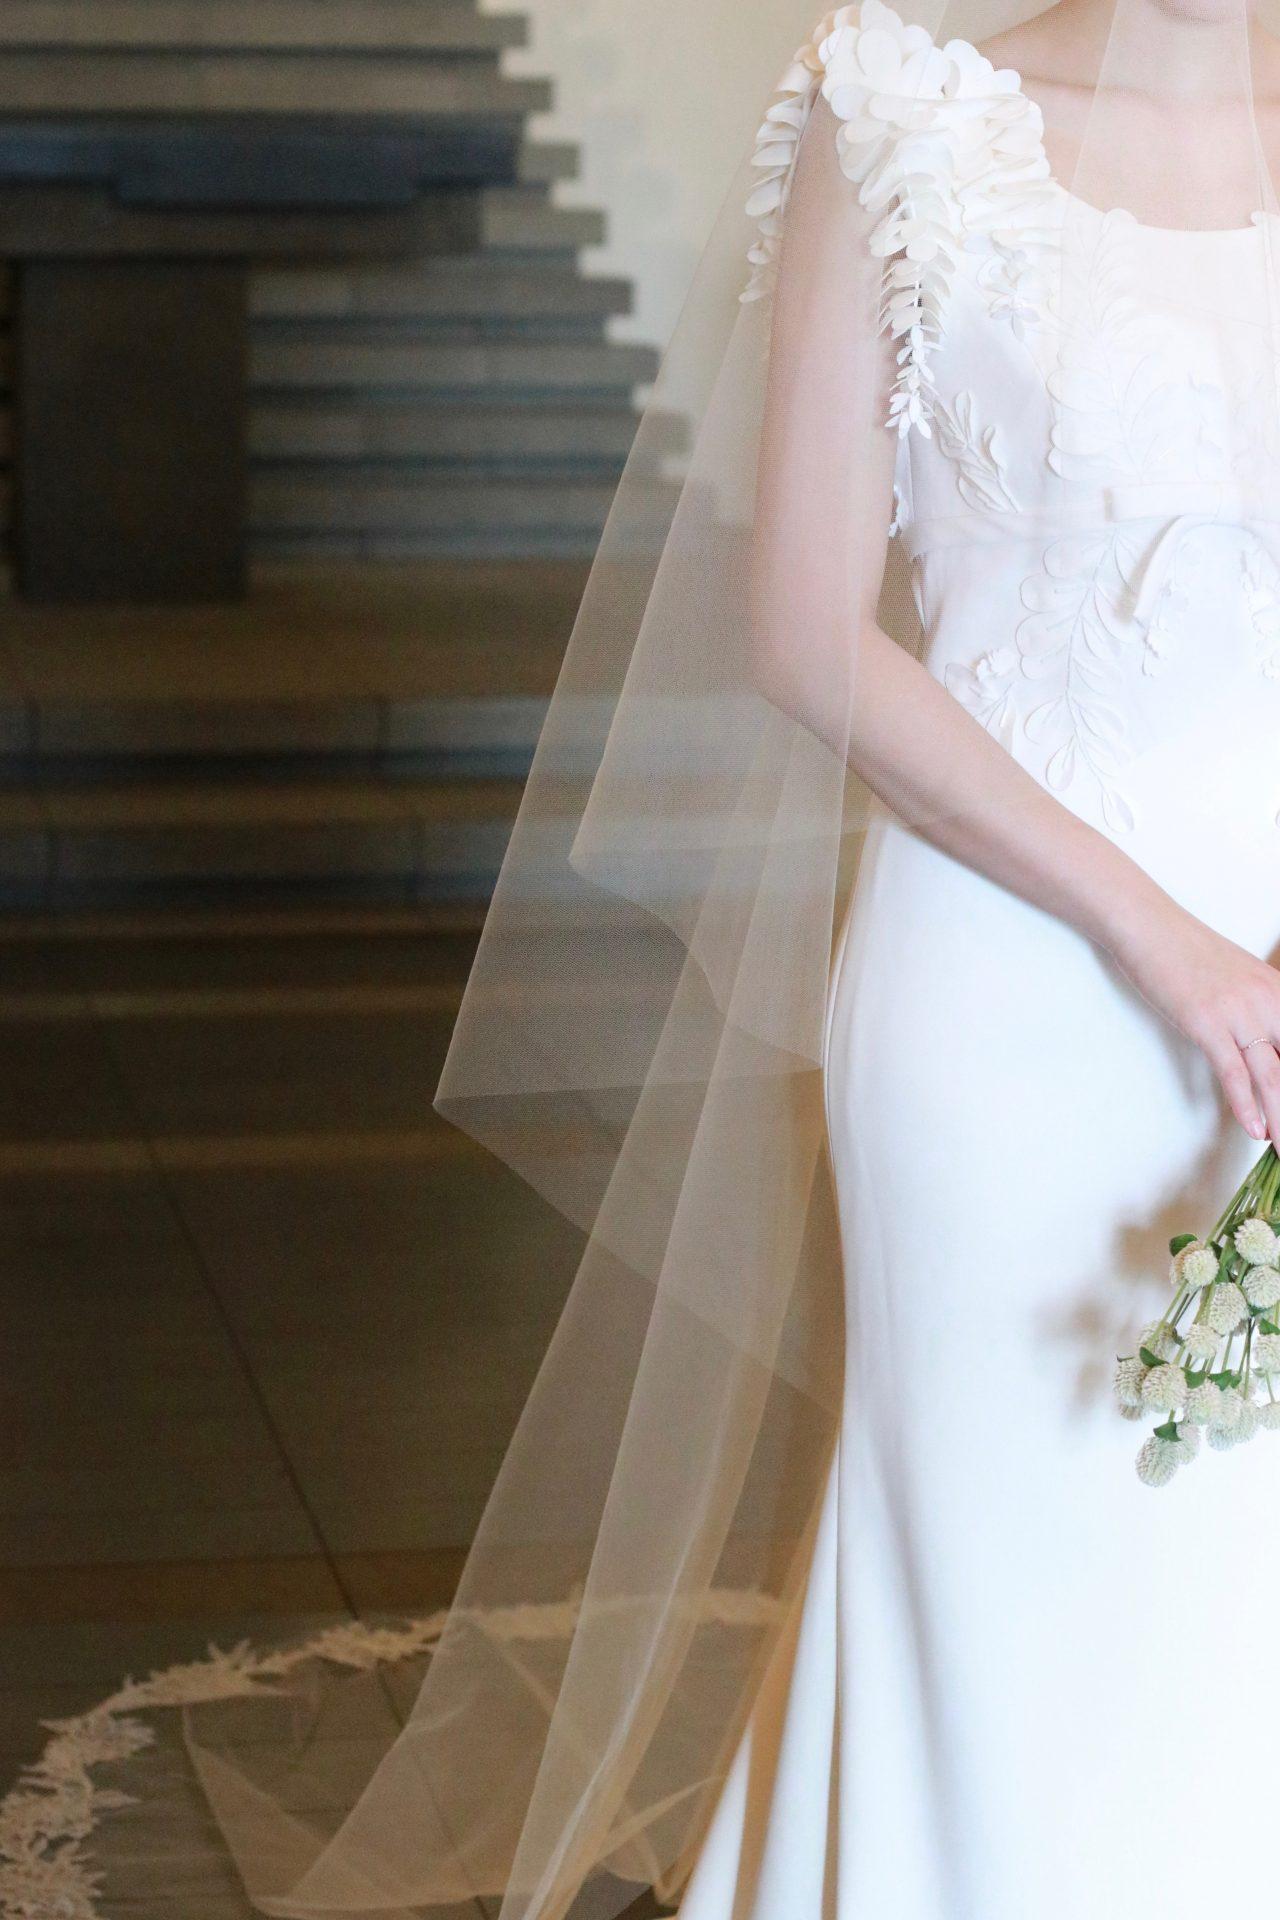 藤の花からインスピレーションを受けた3Dフラワーが施されたクレープ素材のウェディングドレスに、トリート・メゾンの繊細な刺繍が美しいロングベールを合わせたコーディネートは、暖かい日差しに包まれるような春の結婚式にオススメです